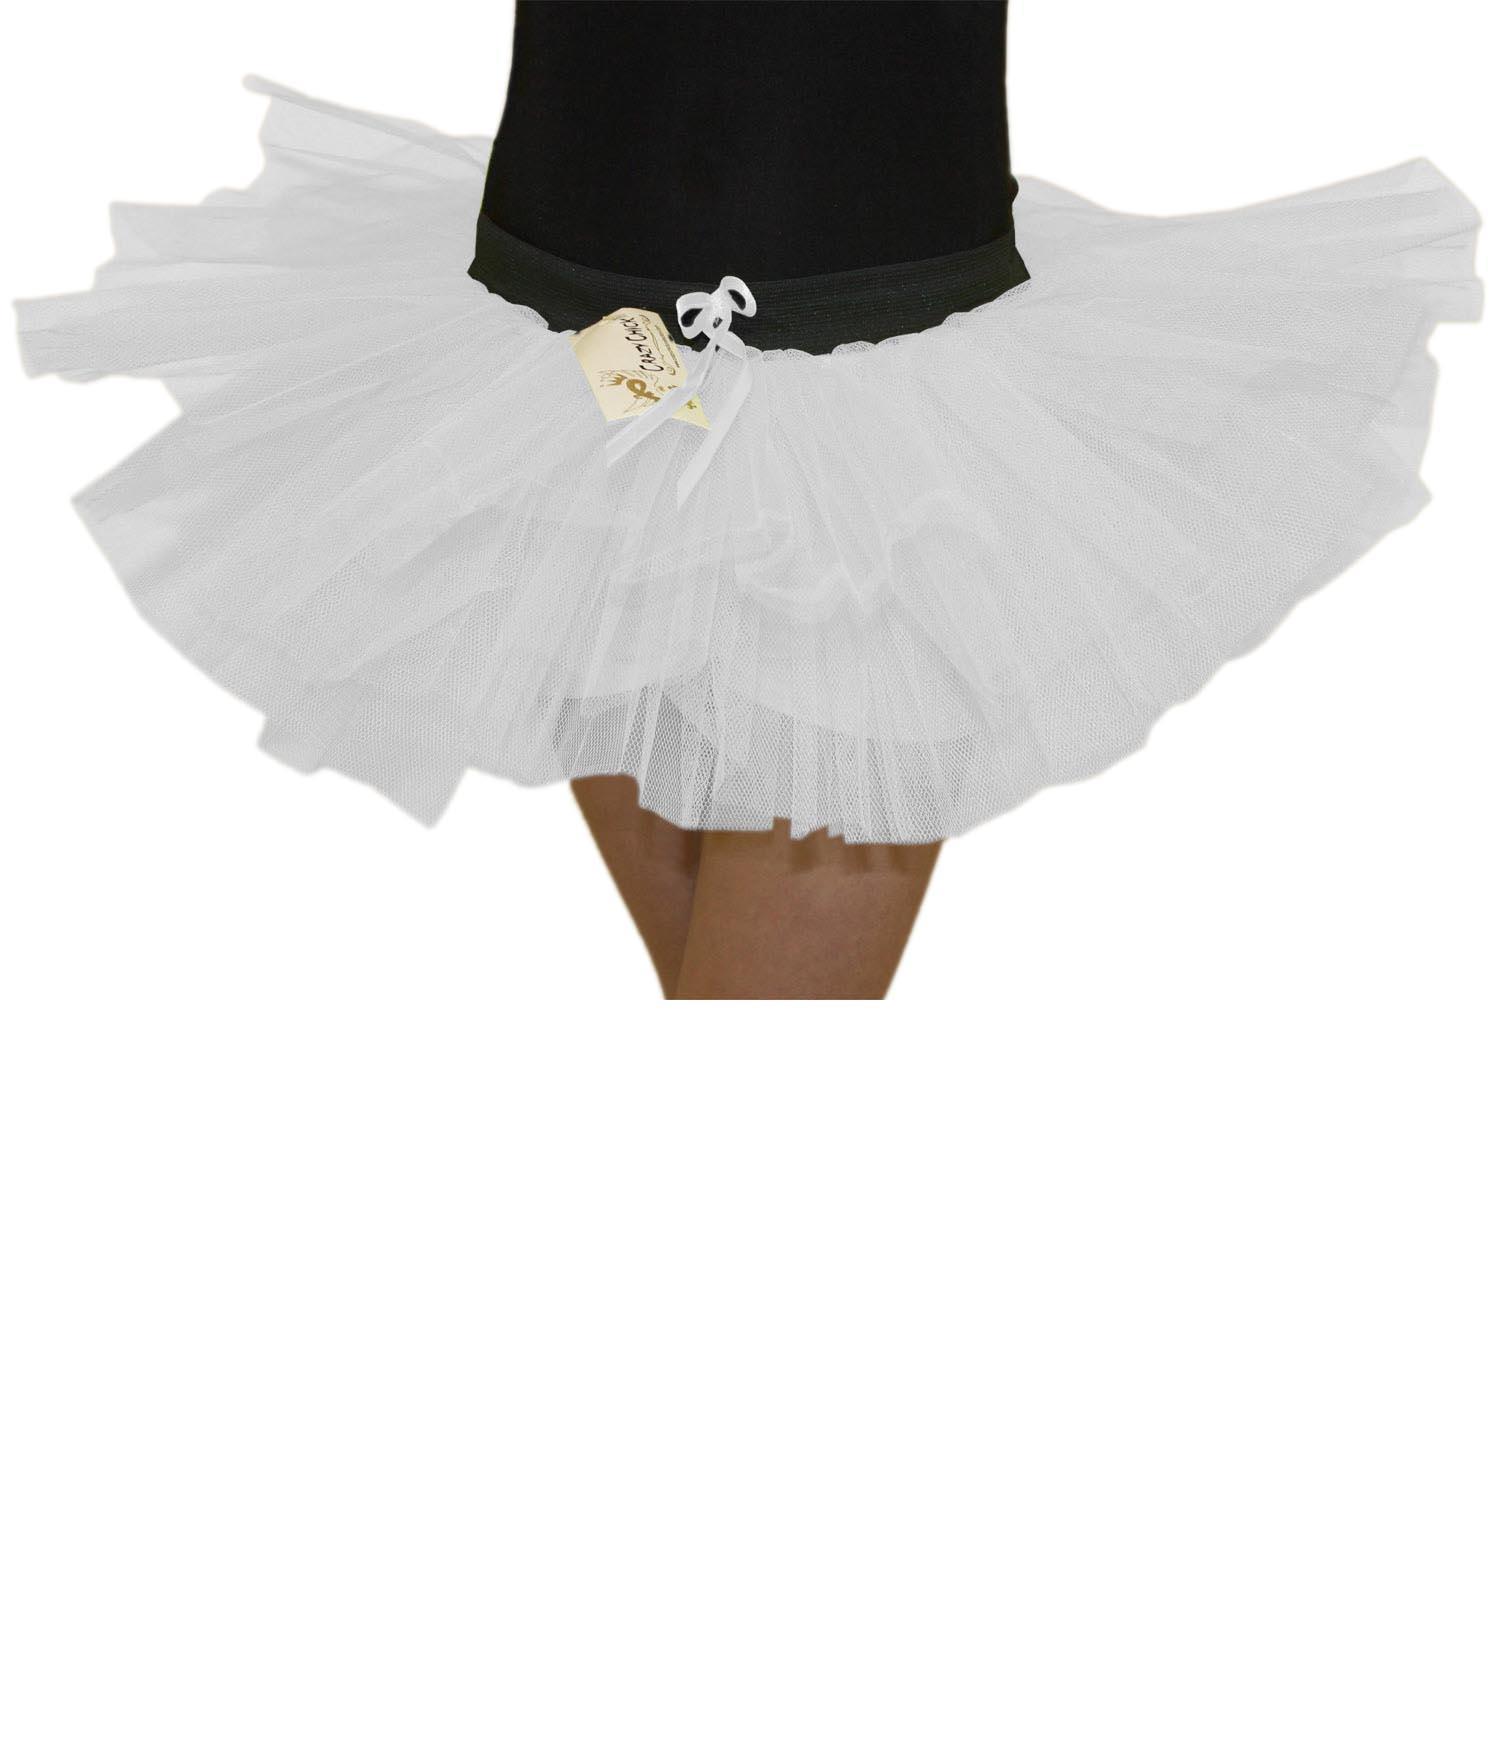 Crazy Chick Girls 3 Layers White Angel TuTu Skirt